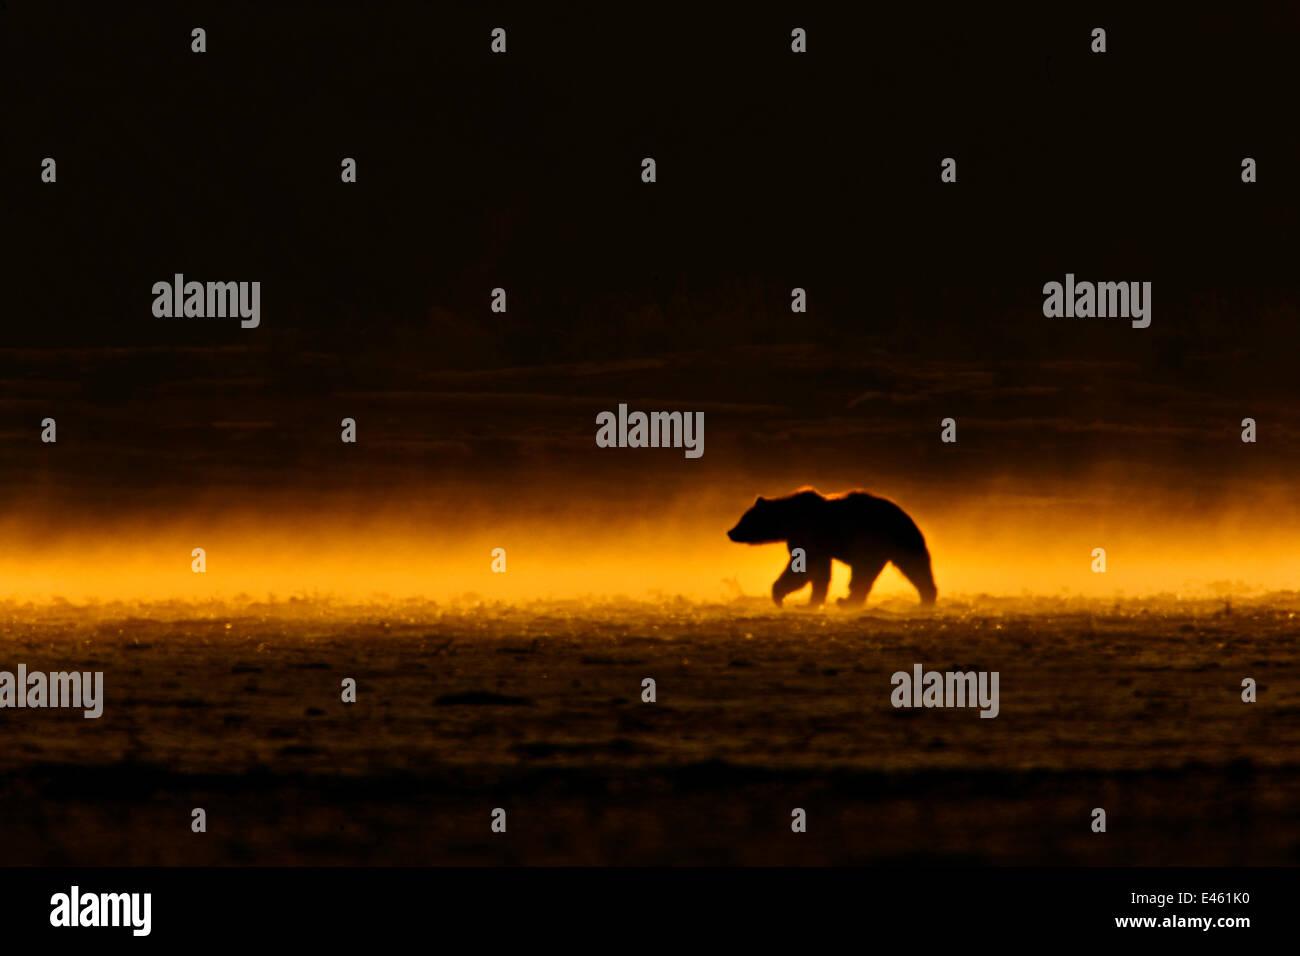 Orso grizzly (Ursus arctos) in movimento in tarda serata luce dopo heavy rain. Alaska, USA, Giugno. Immagini Stock